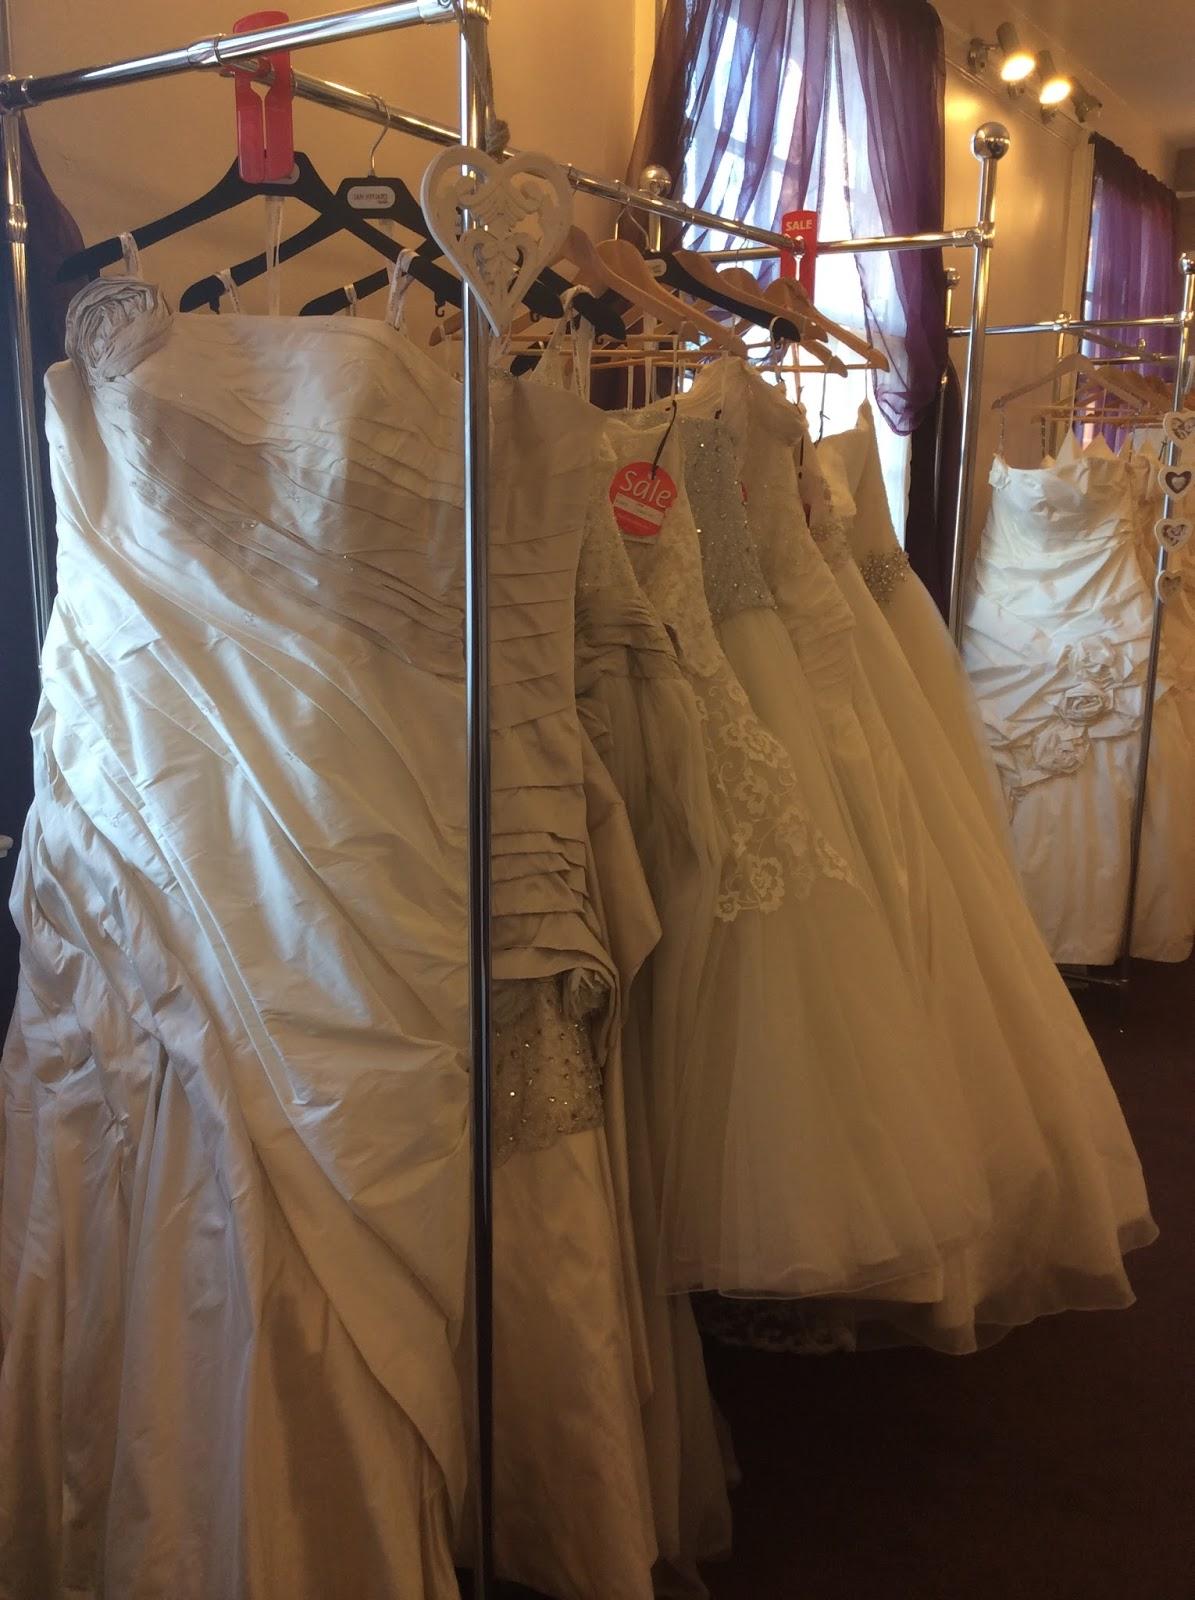 52-46-54: My Wedding Dress Destination: The Big Day, Castleford